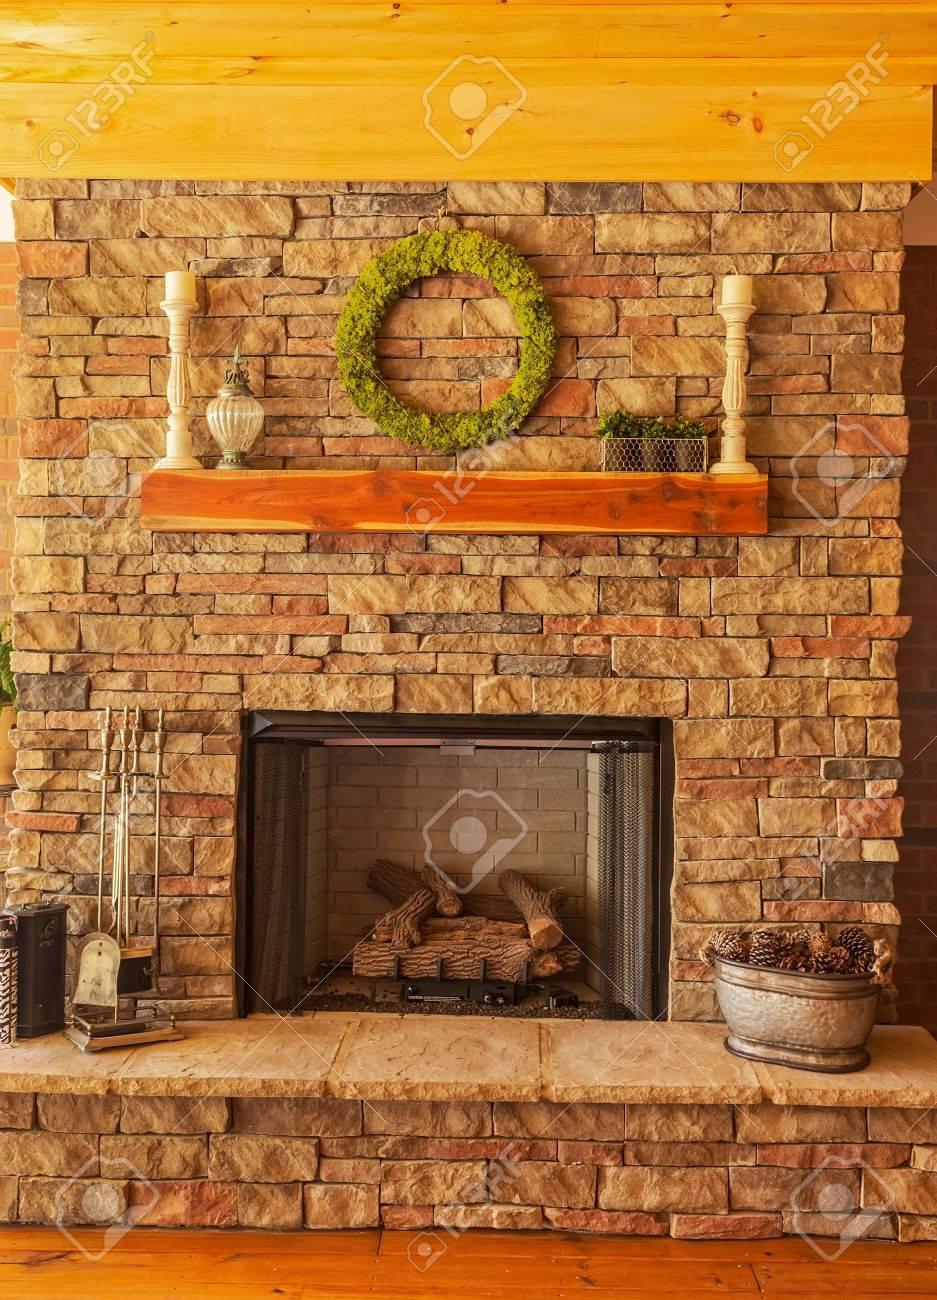 gran chimenea de piedra de gas en la cubierta interior foto de archivo